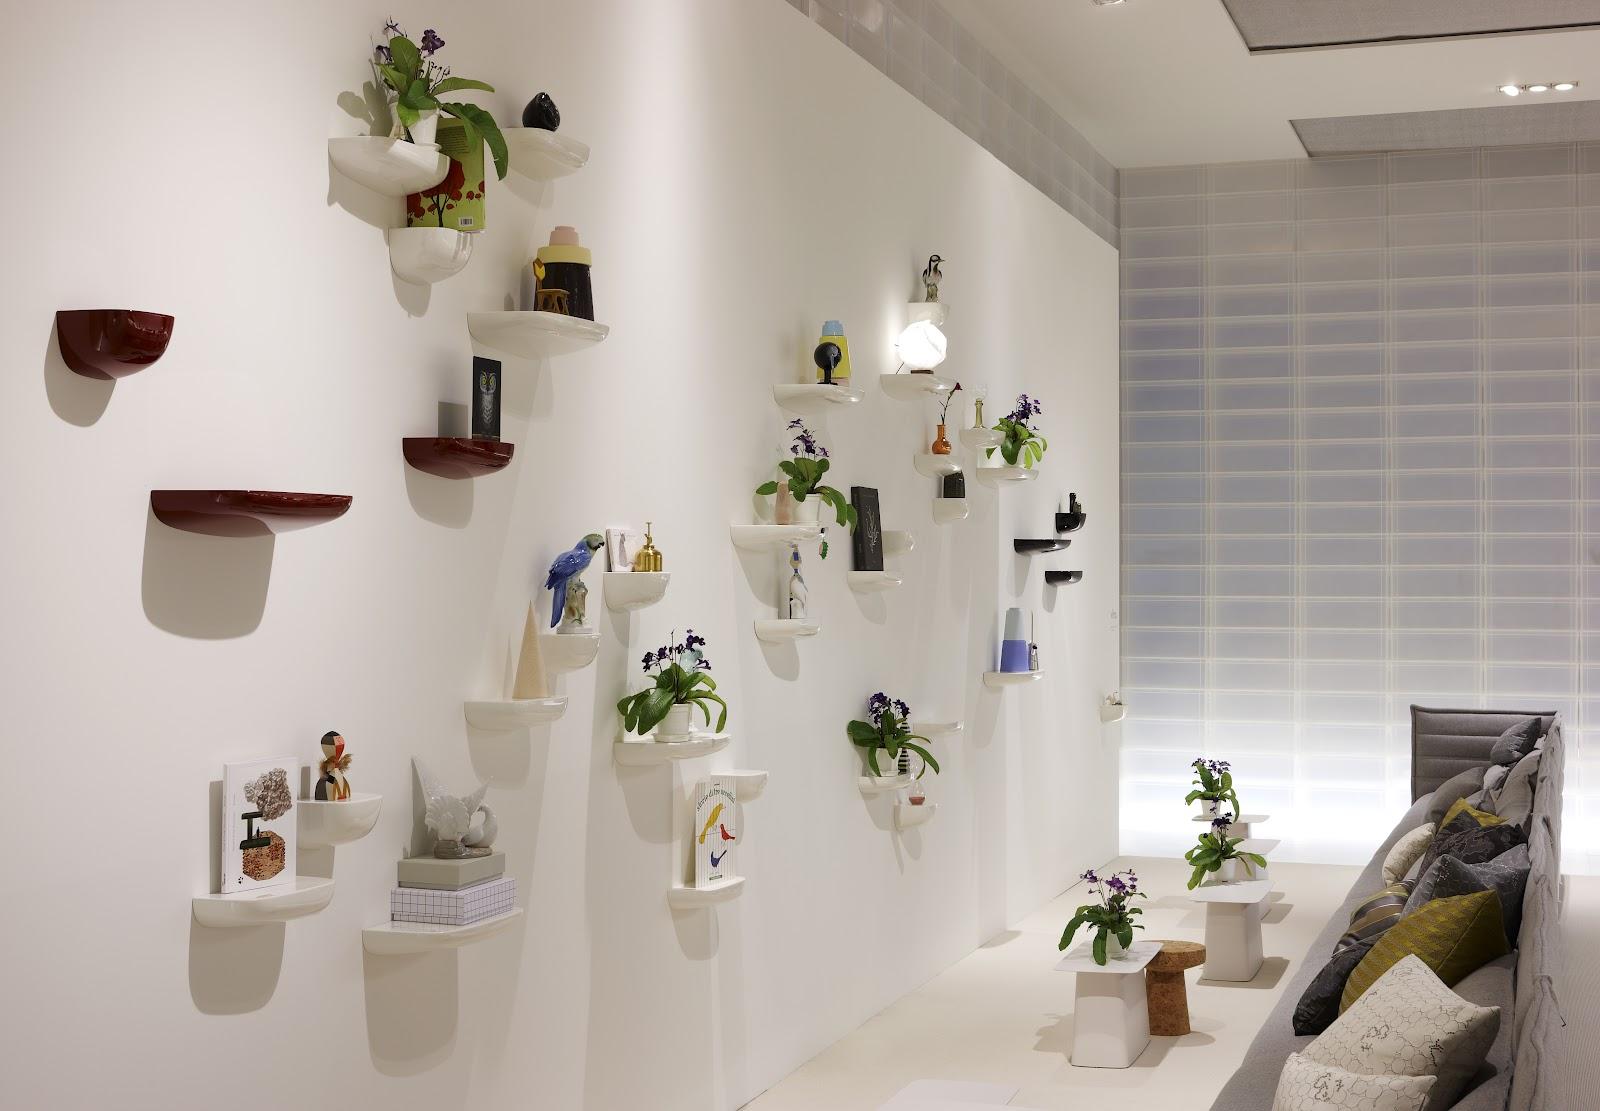 homebuildlife vitra at salone del mobile. Black Bedroom Furniture Sets. Home Design Ideas